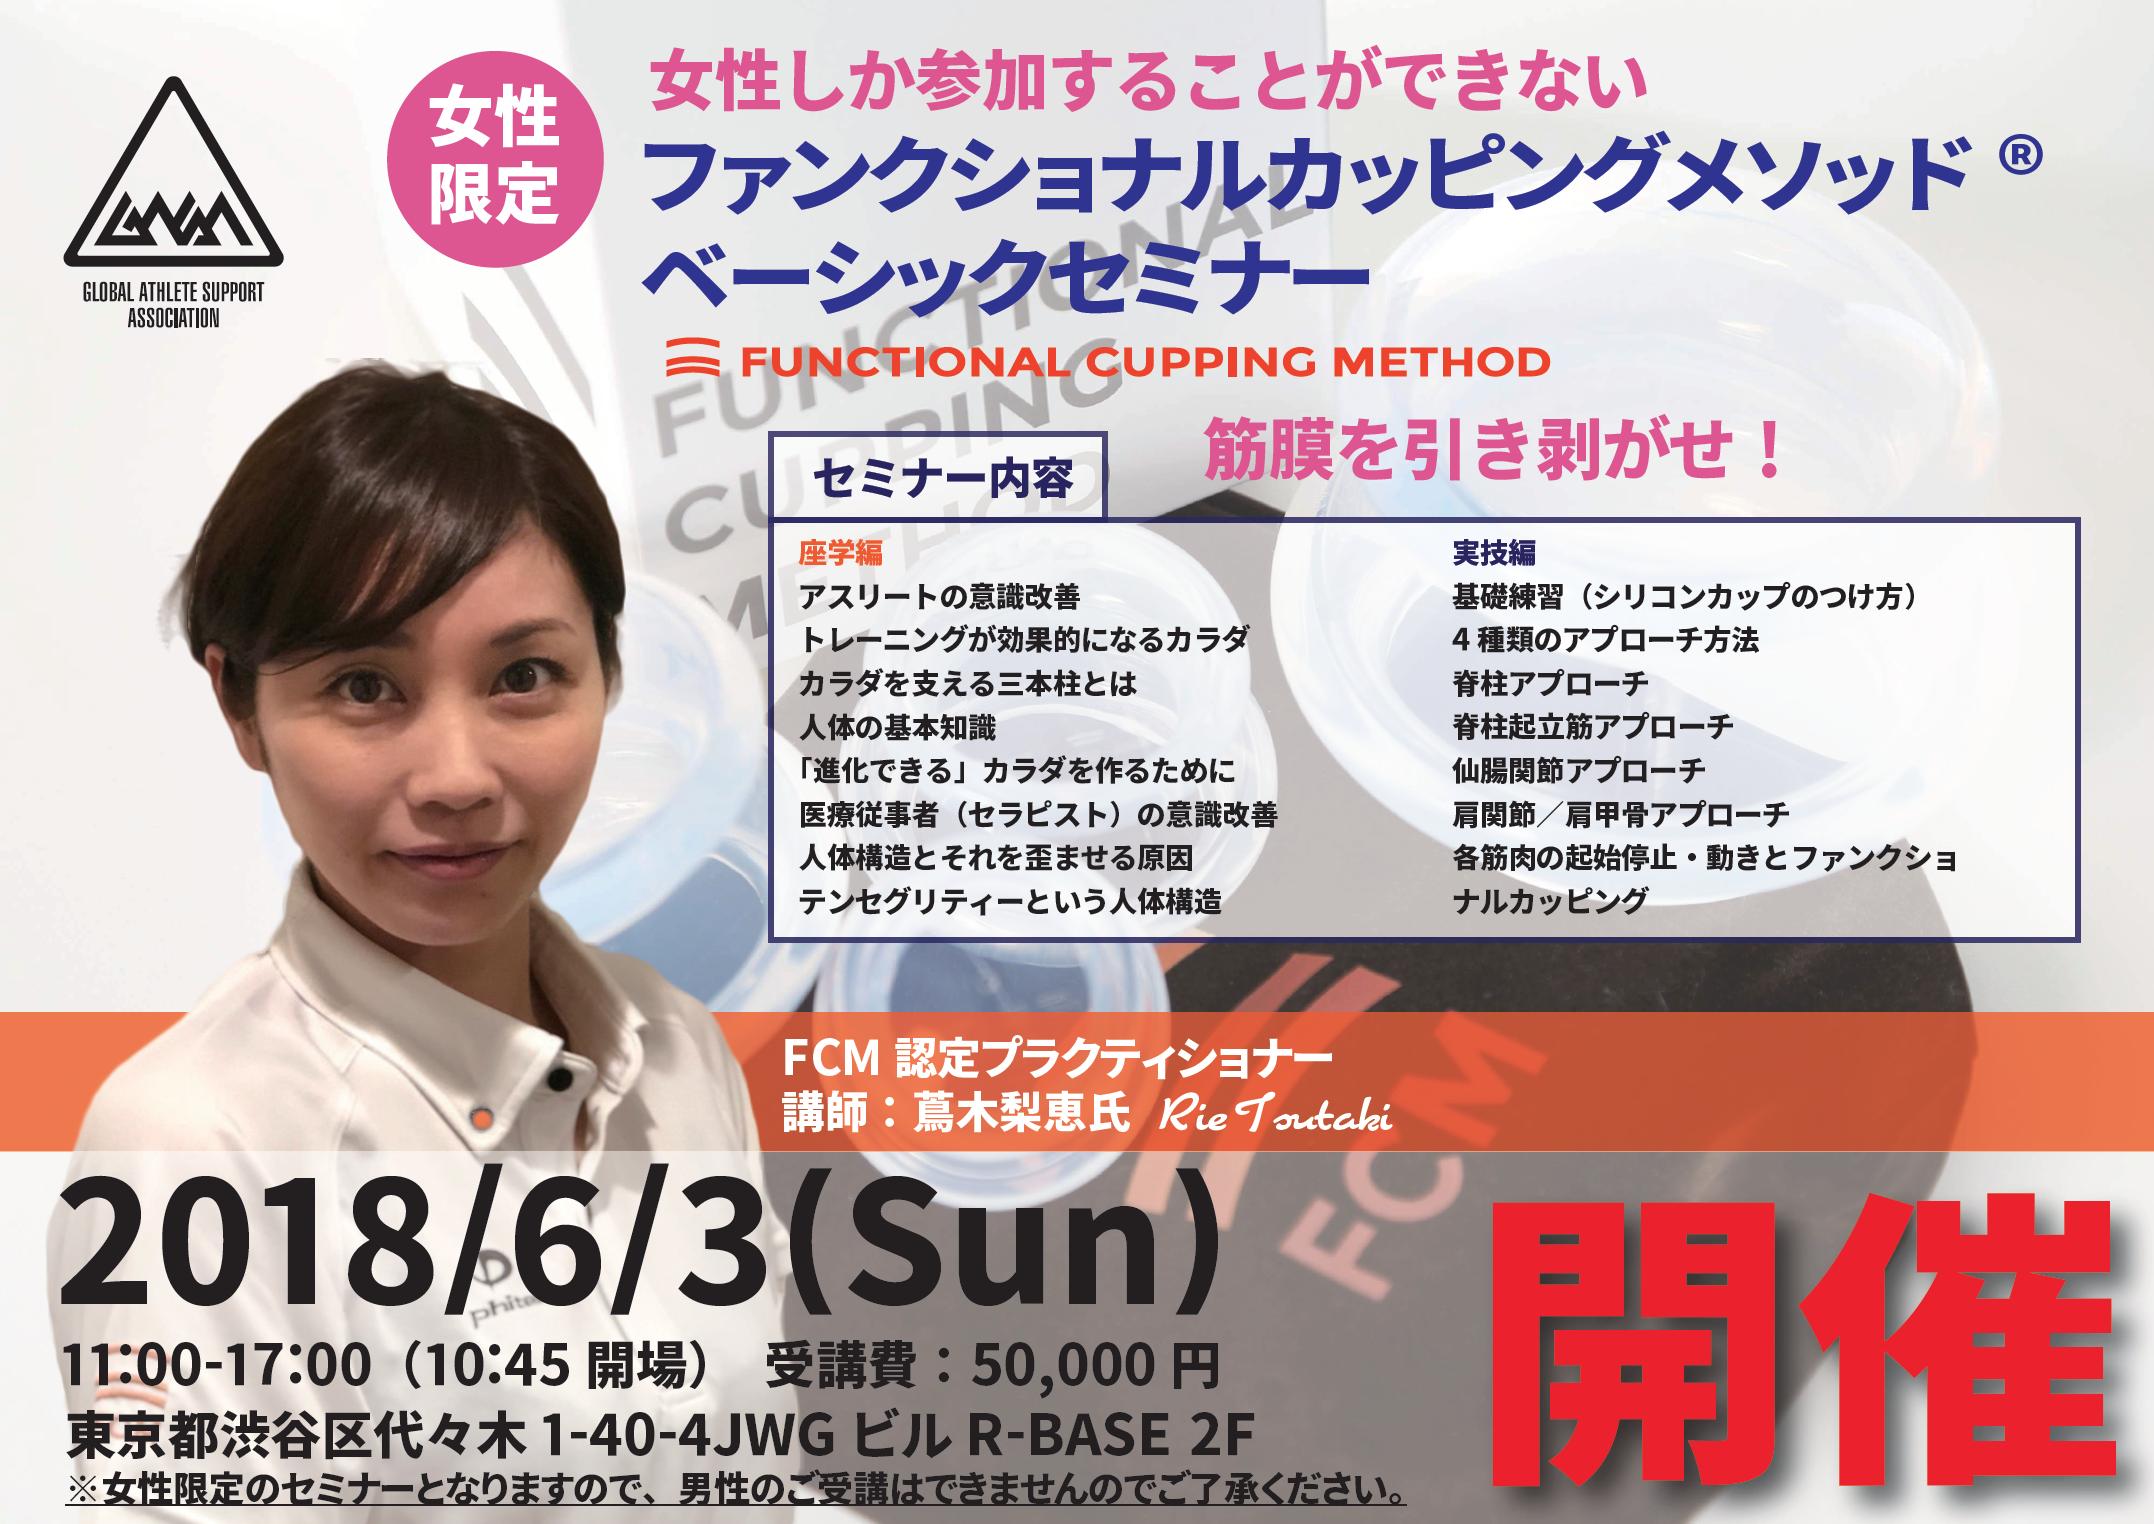 【女性限定】6月3日(日)東京FCMベーシックセミナー  セミナー画像グローバルアスリートサポート協会 [GASA]